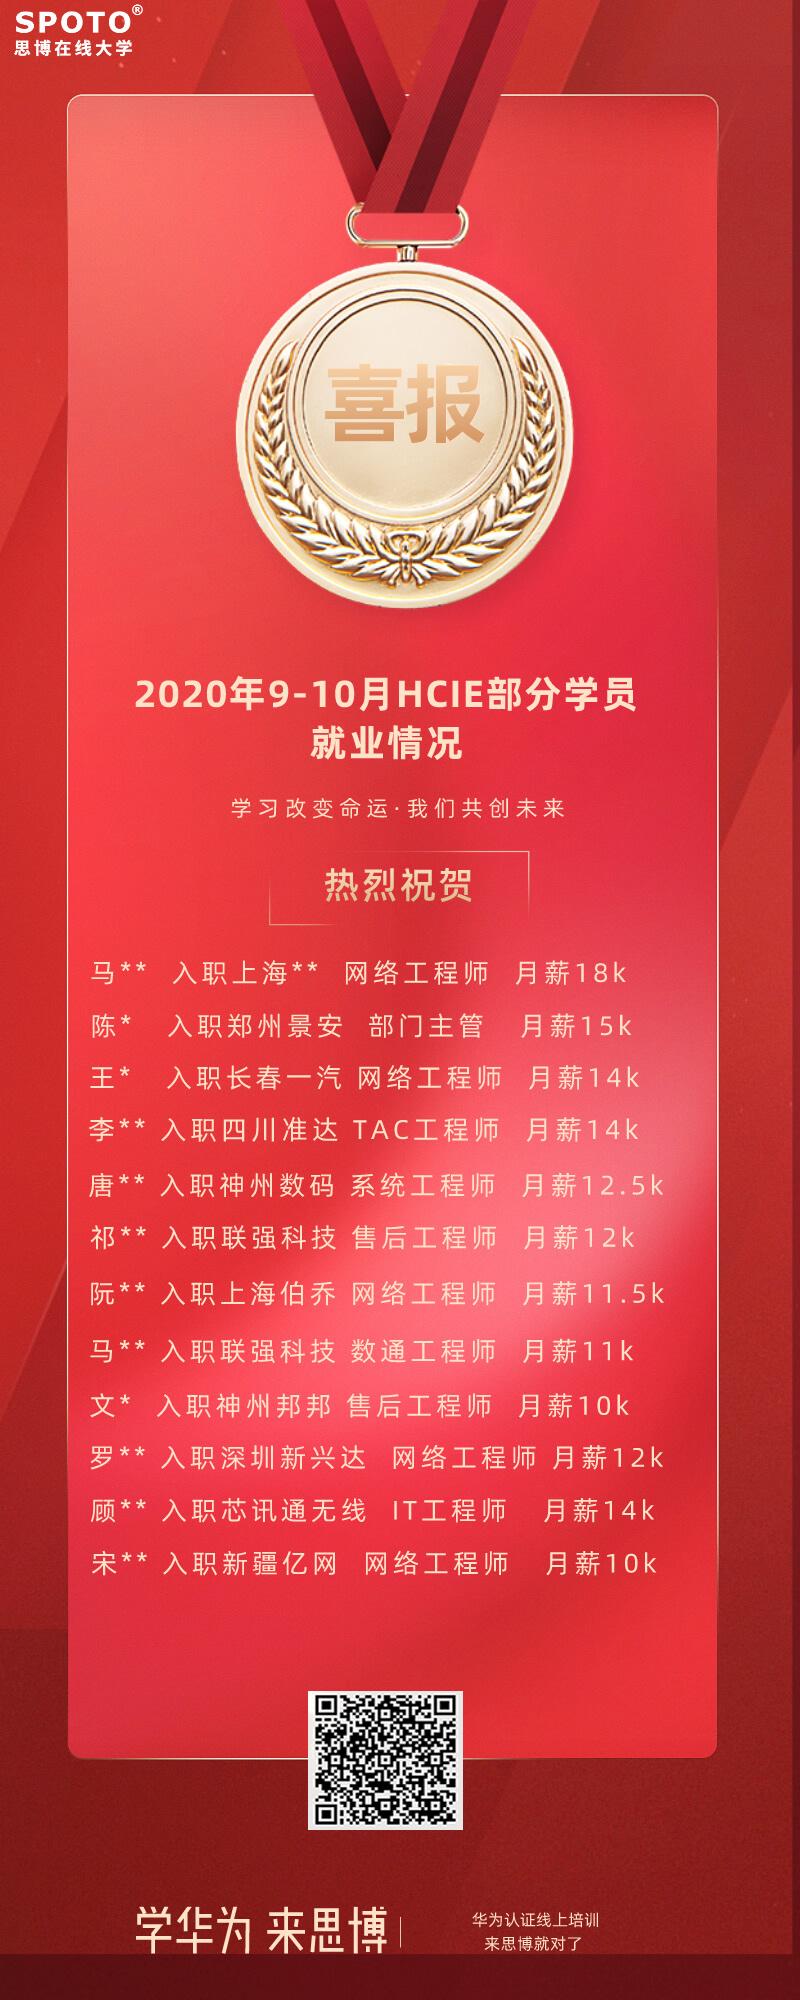 2020年9-10月思博部分HCIE 学员就业喜报分享